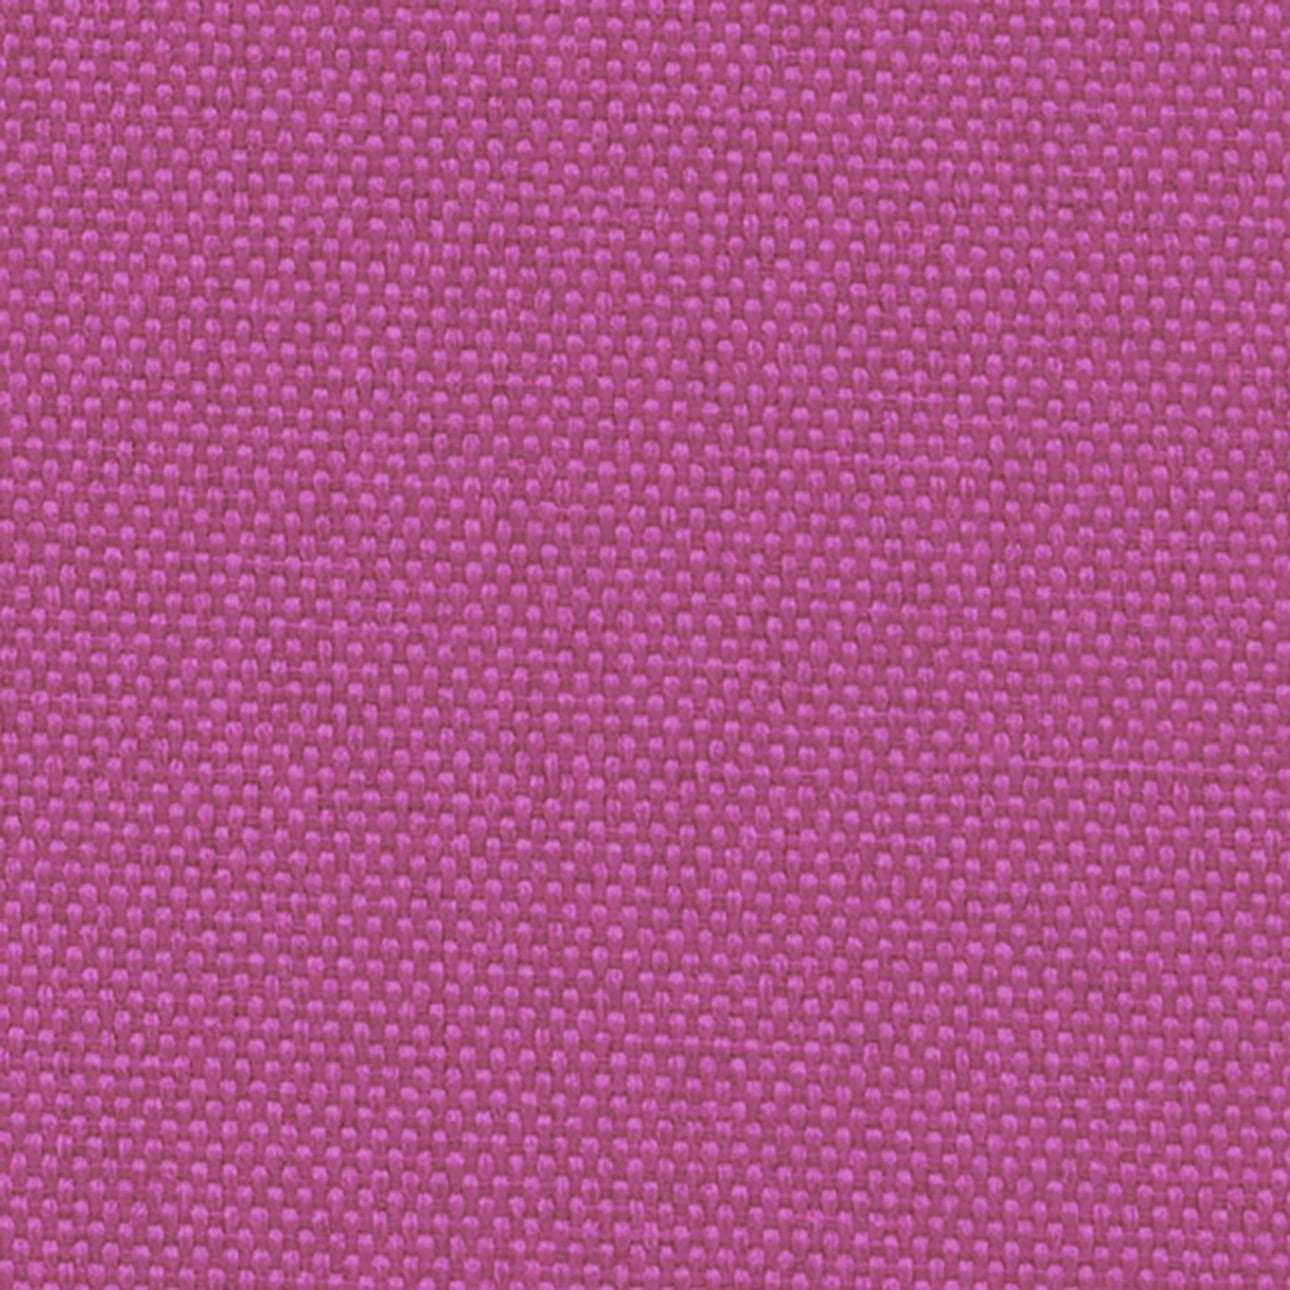 Poszewka na półwałek Beddinge w kolekcji Etna, tkanina: 705-23